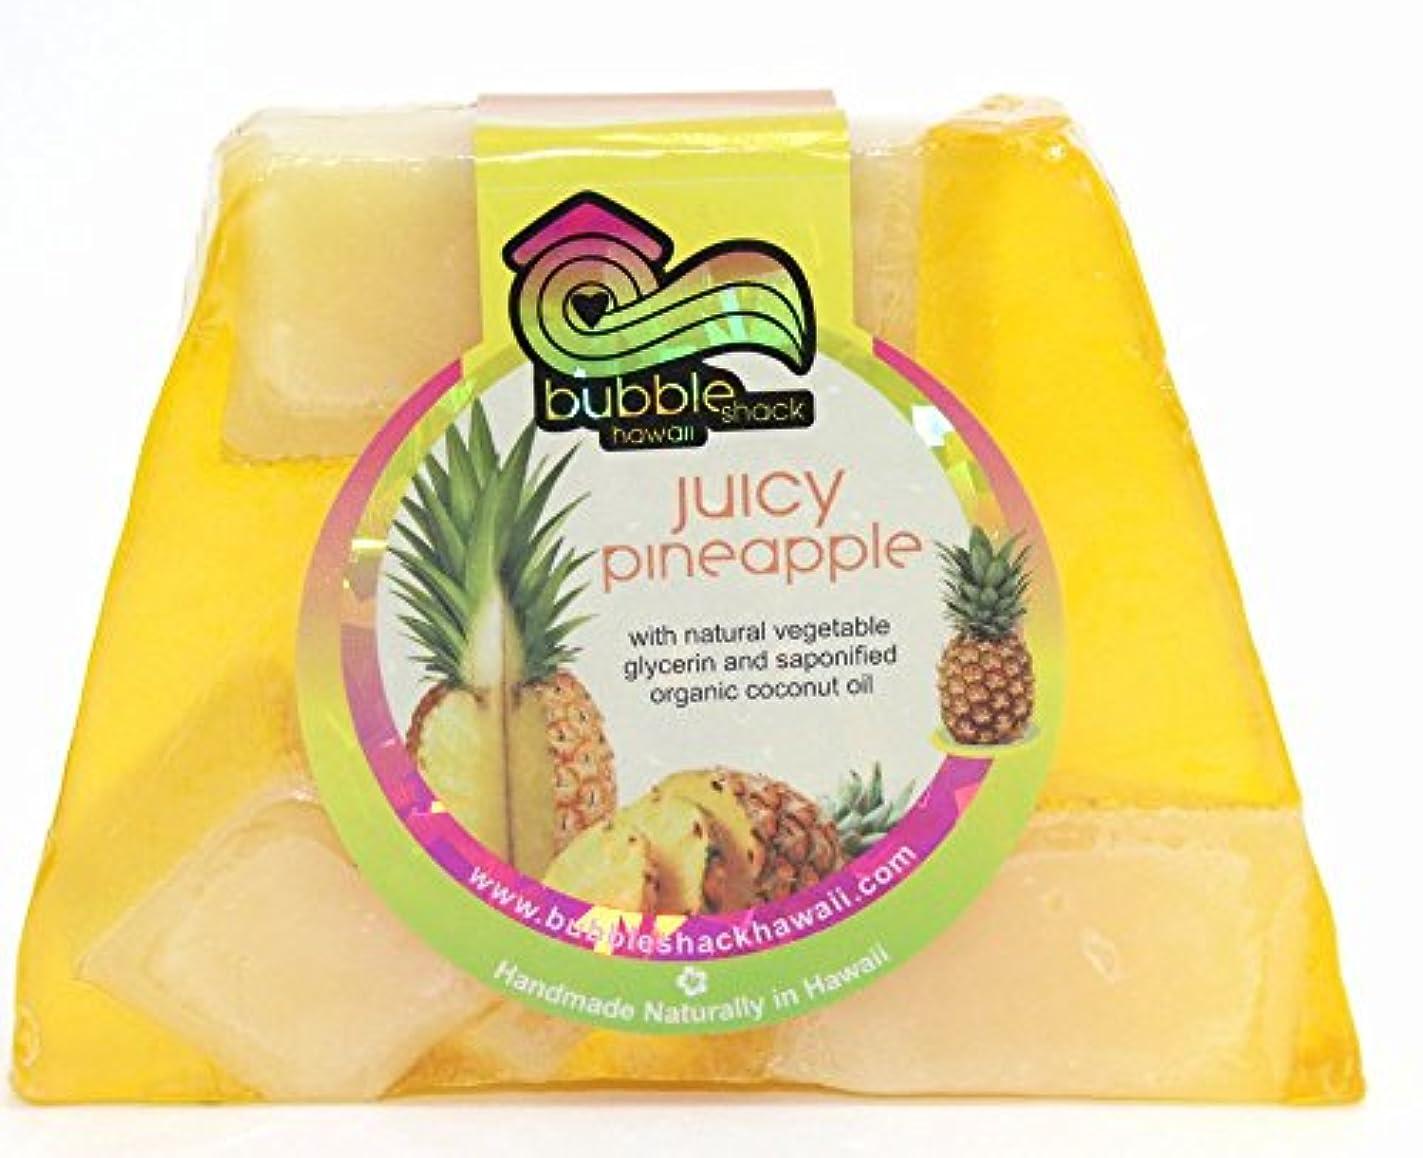 アルカイック正しく窒素ハワイ お土産 ハワイアン雑貨 バブルシャック パイナップル チャンクソープ 石鹸 (パイナップル) ハワイ雑貨